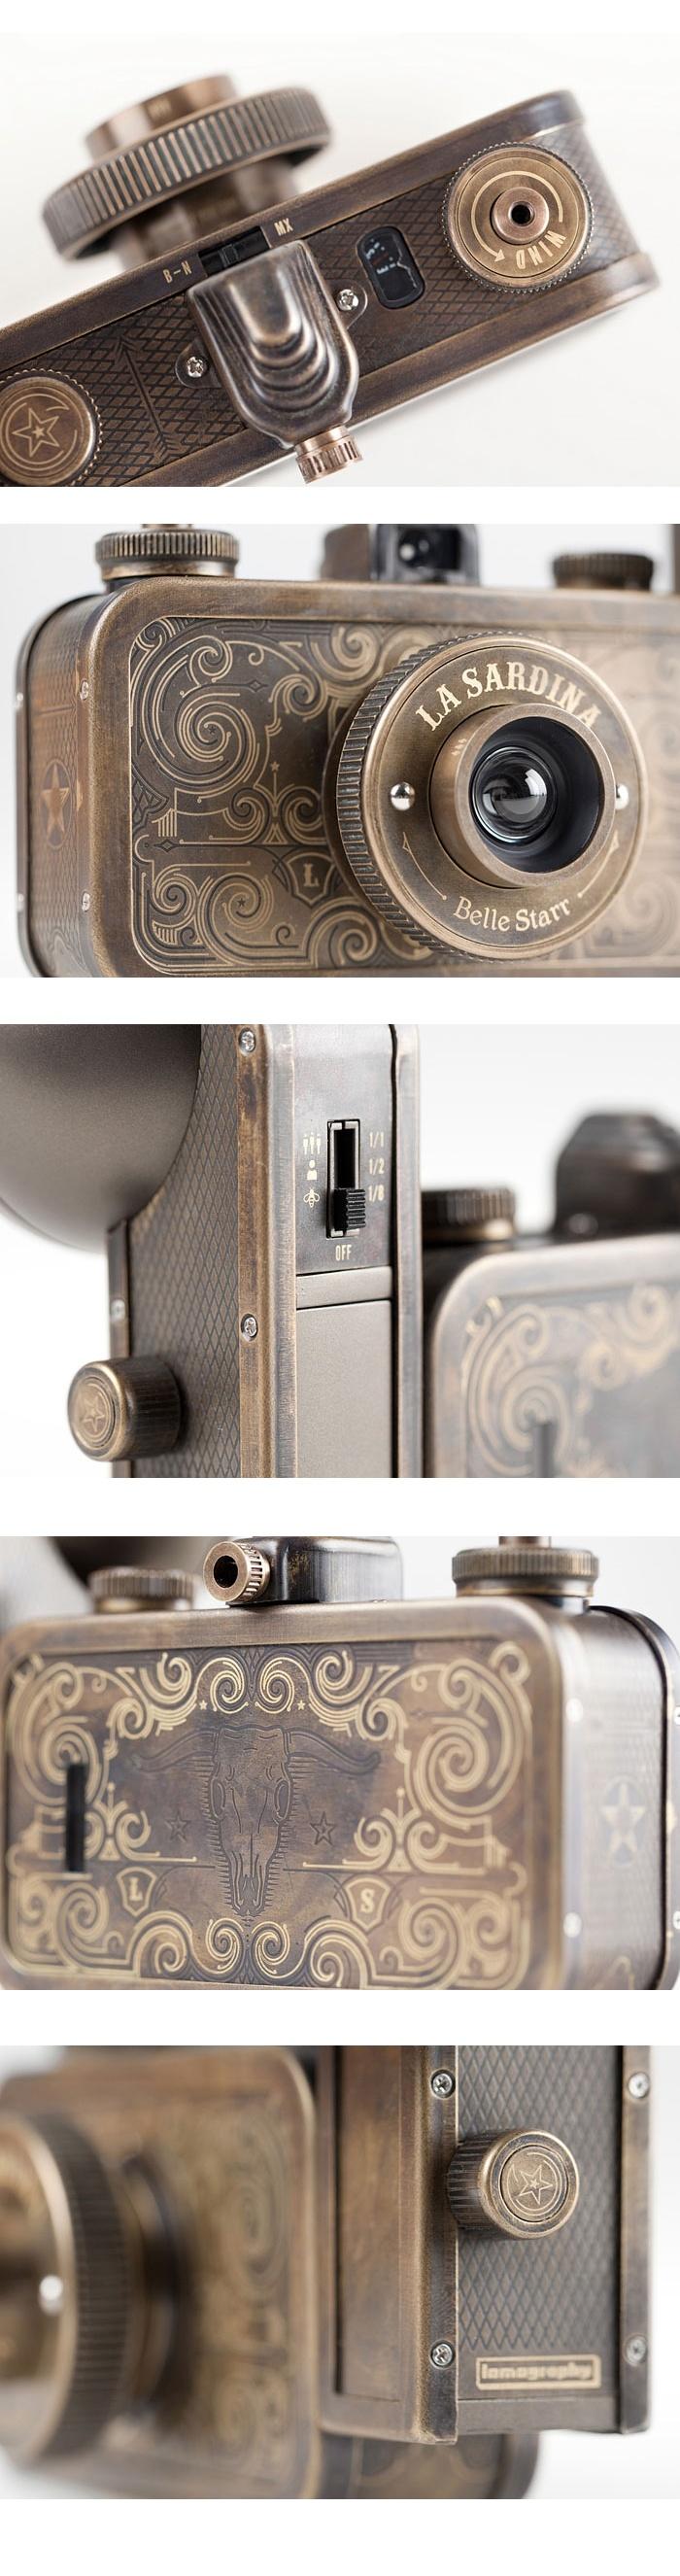 La Sardina Camera & Flash